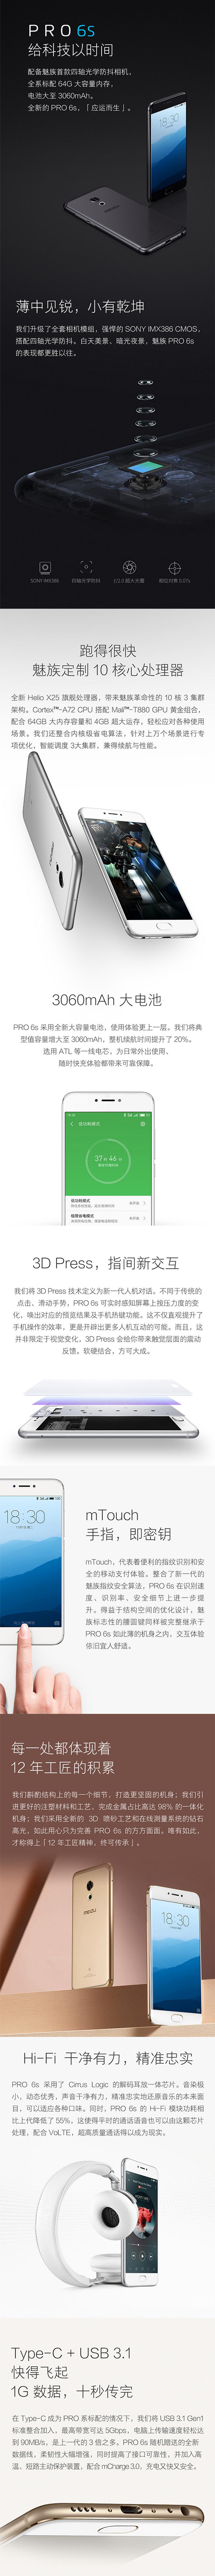 魅族PRO 6s免费试用,评测